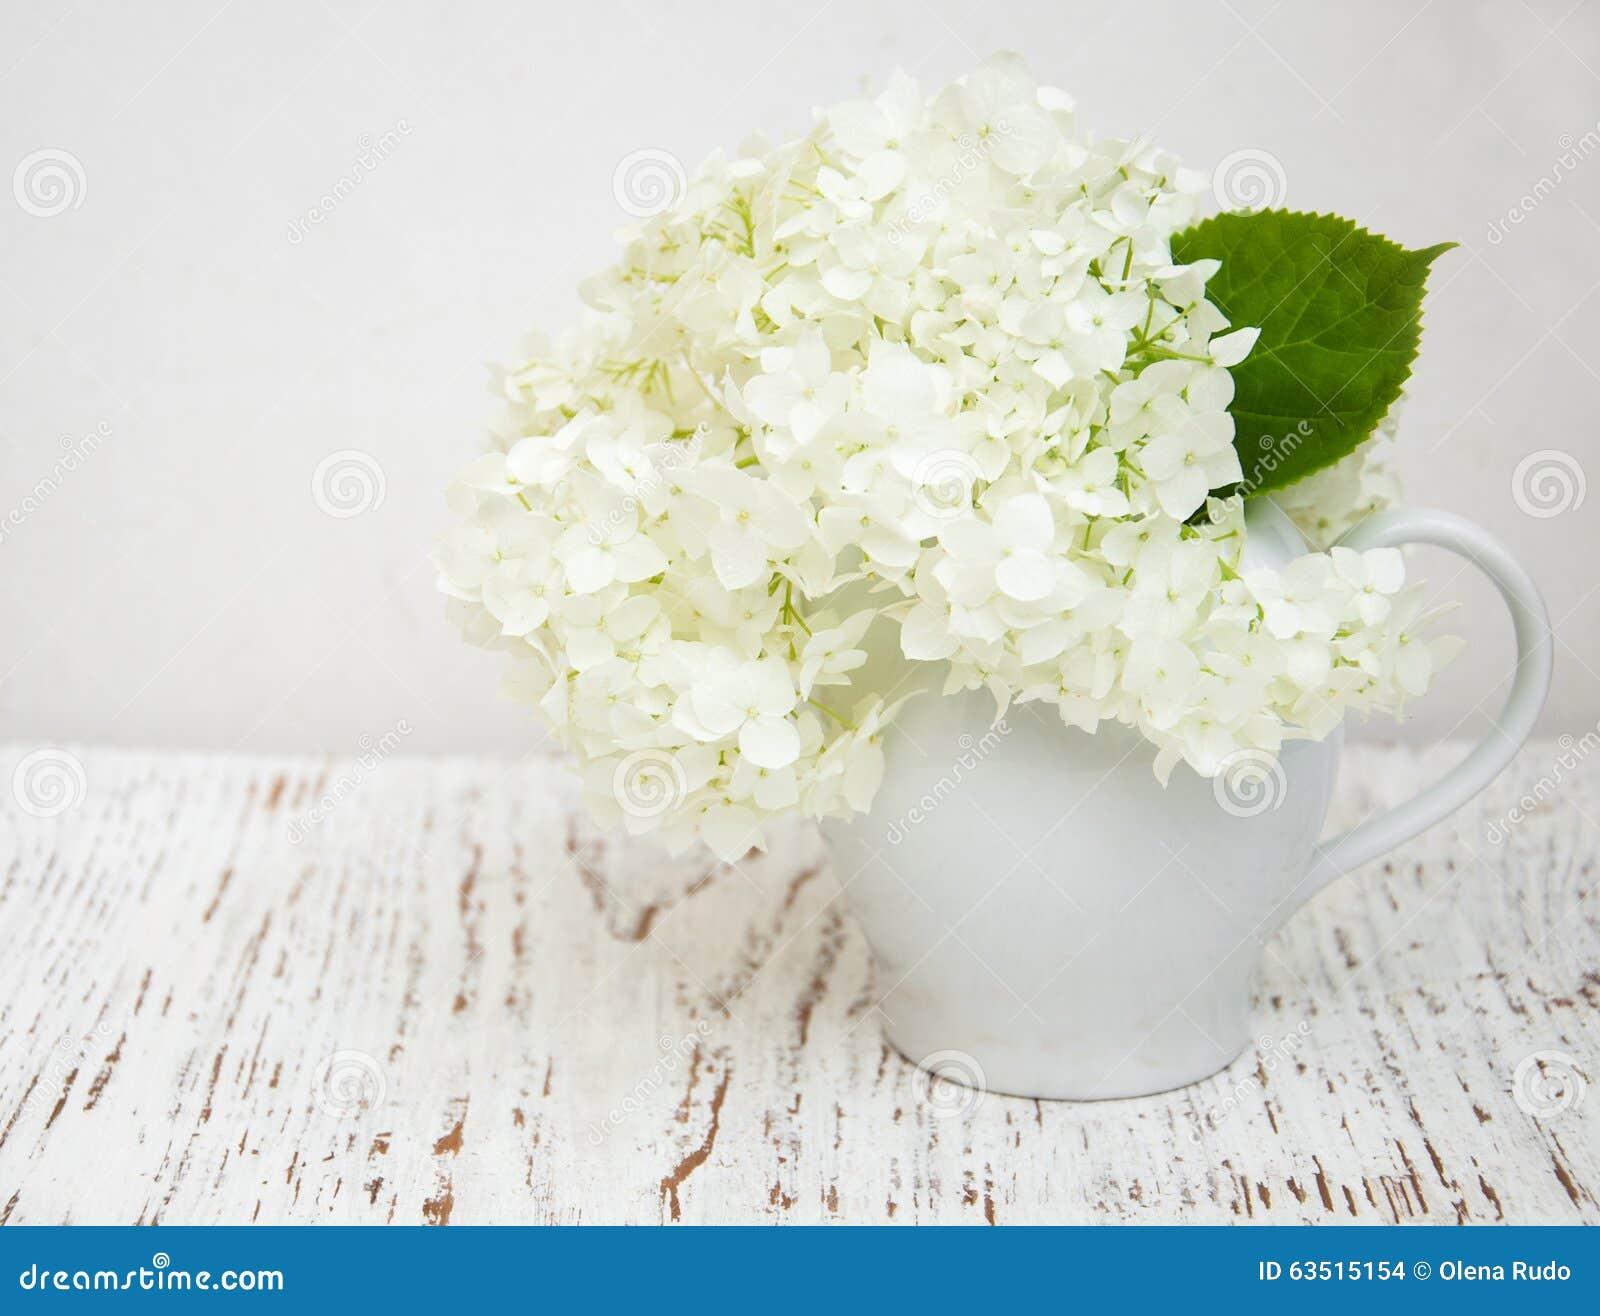 wei e hortensie in einem vase stockfoto bild von sommer nave 63515154. Black Bedroom Furniture Sets. Home Design Ideas